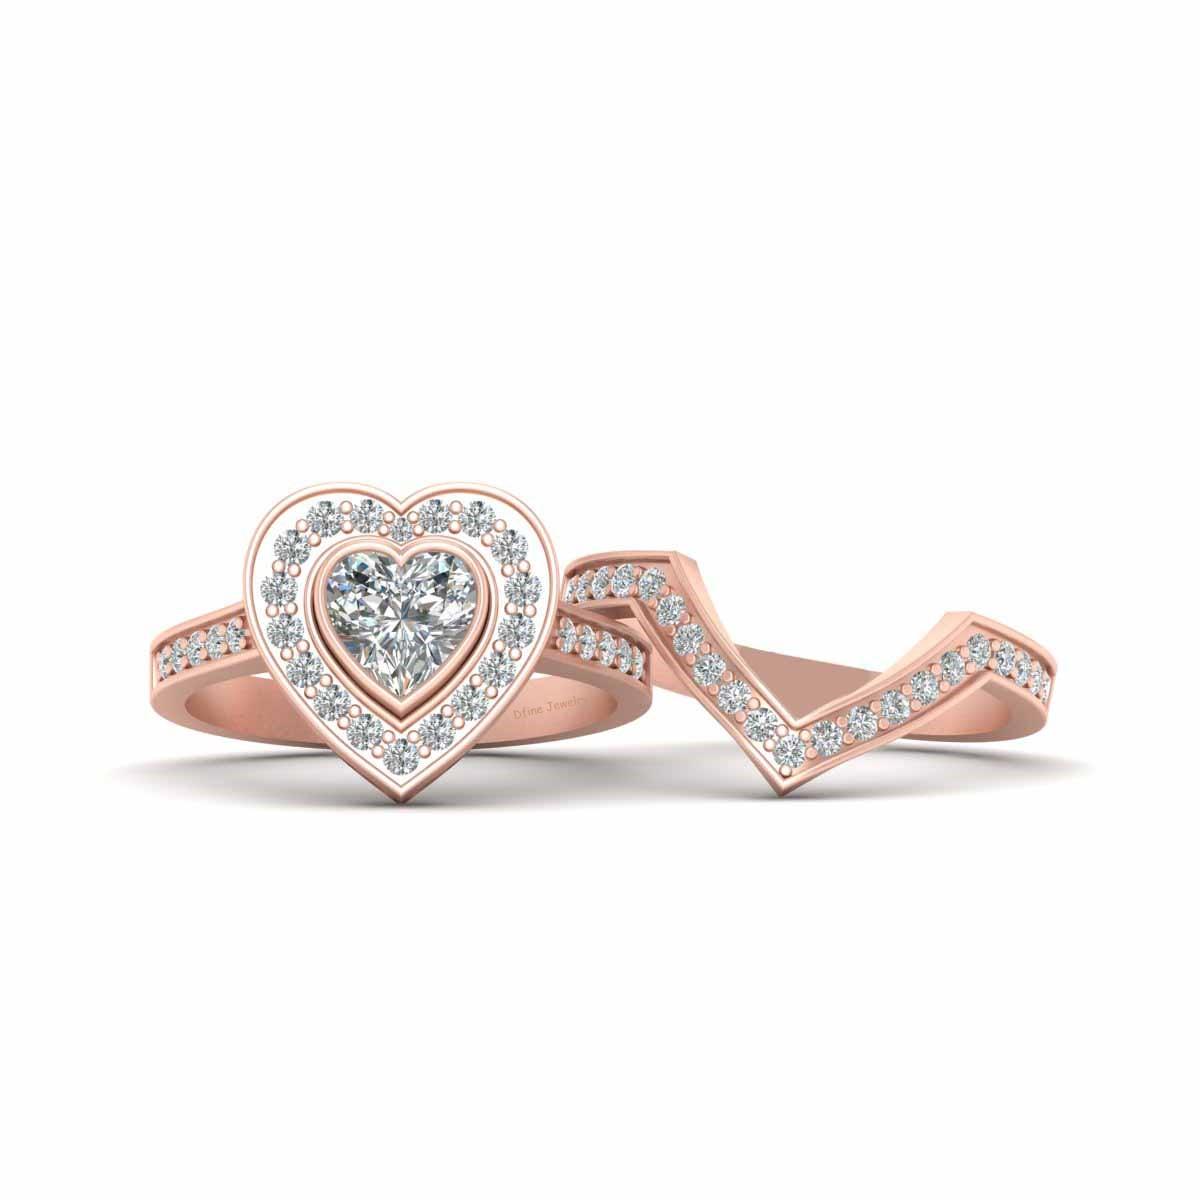 Rose Gold Heart Wedding Ring Set